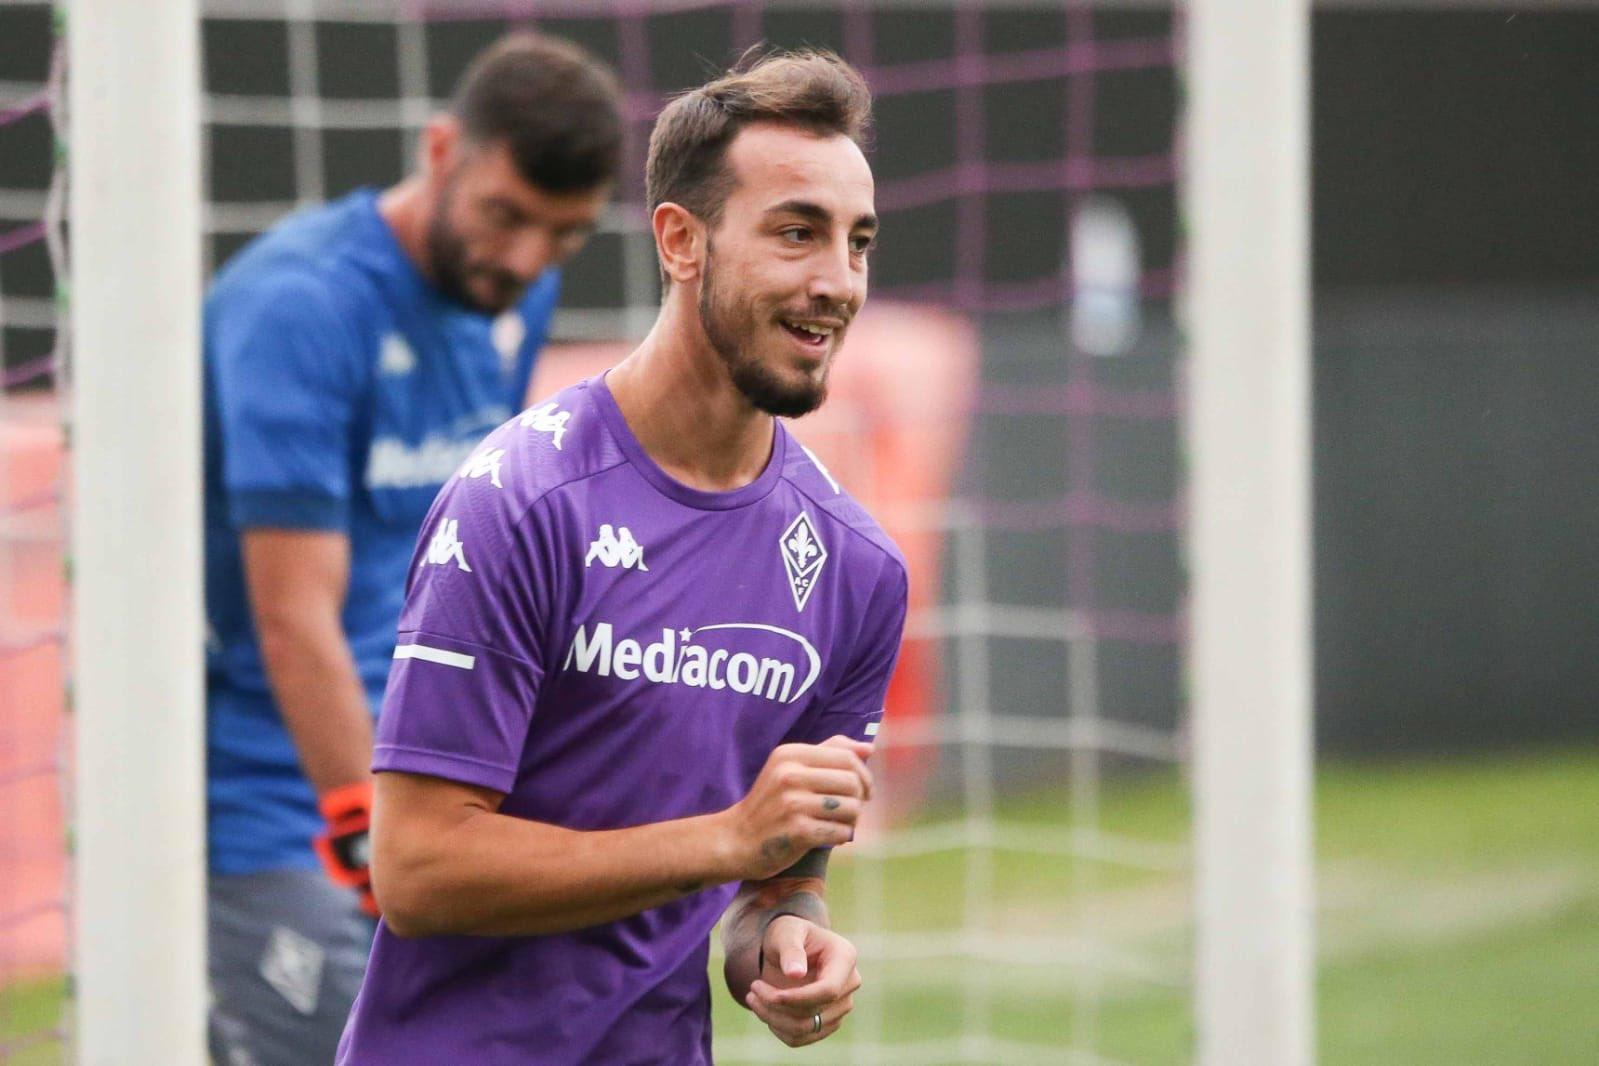 Le foto del primo allenamento della Fiorentina, nuova divisa ...